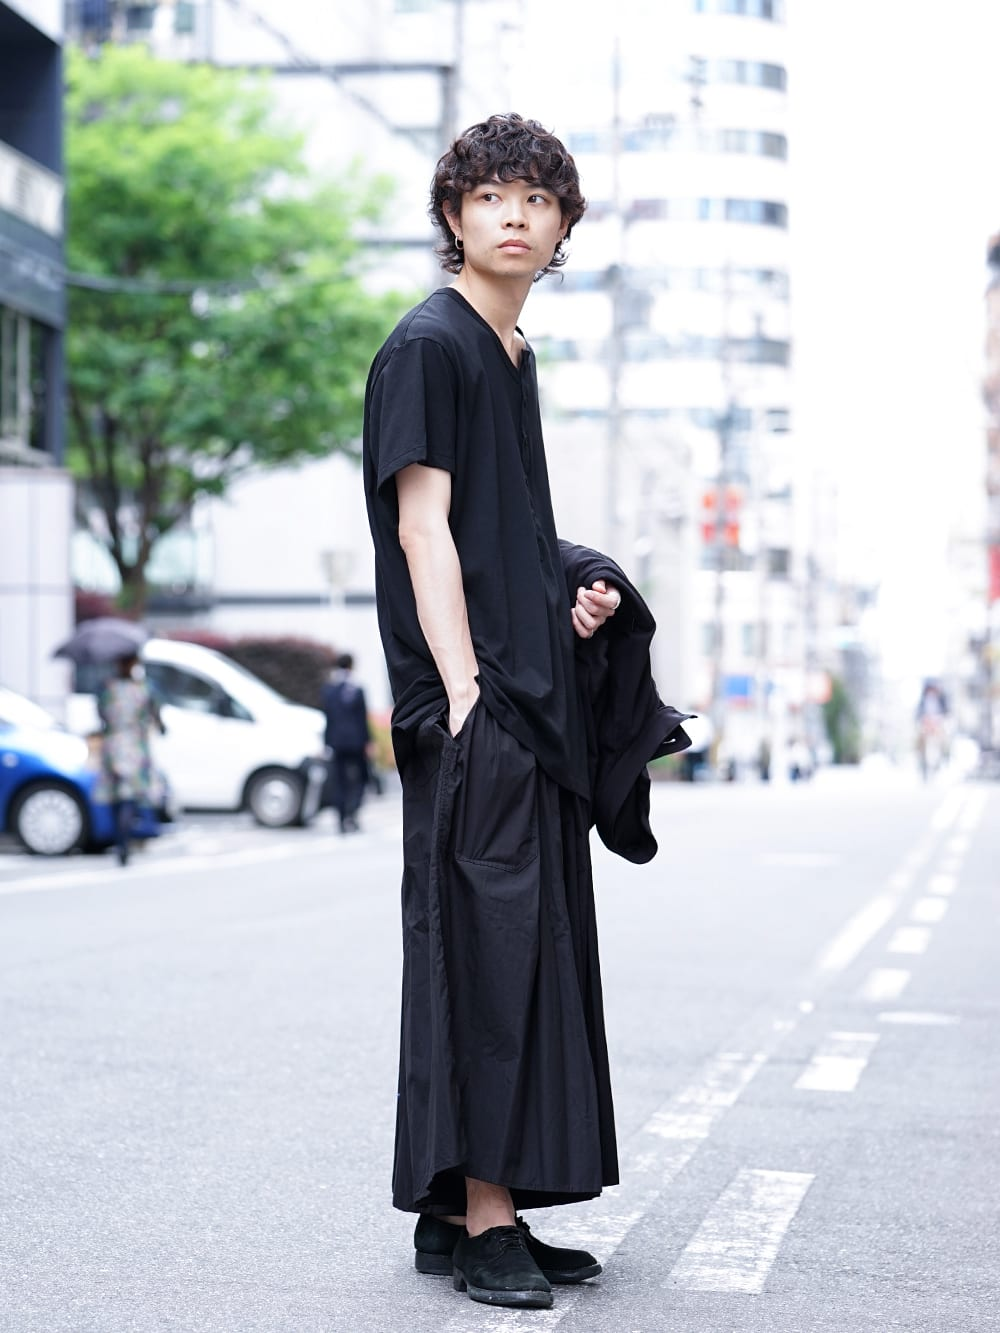 Yohji Yamamoto 19SS HAKAMA Pants 2Way Coordinate - 3-002